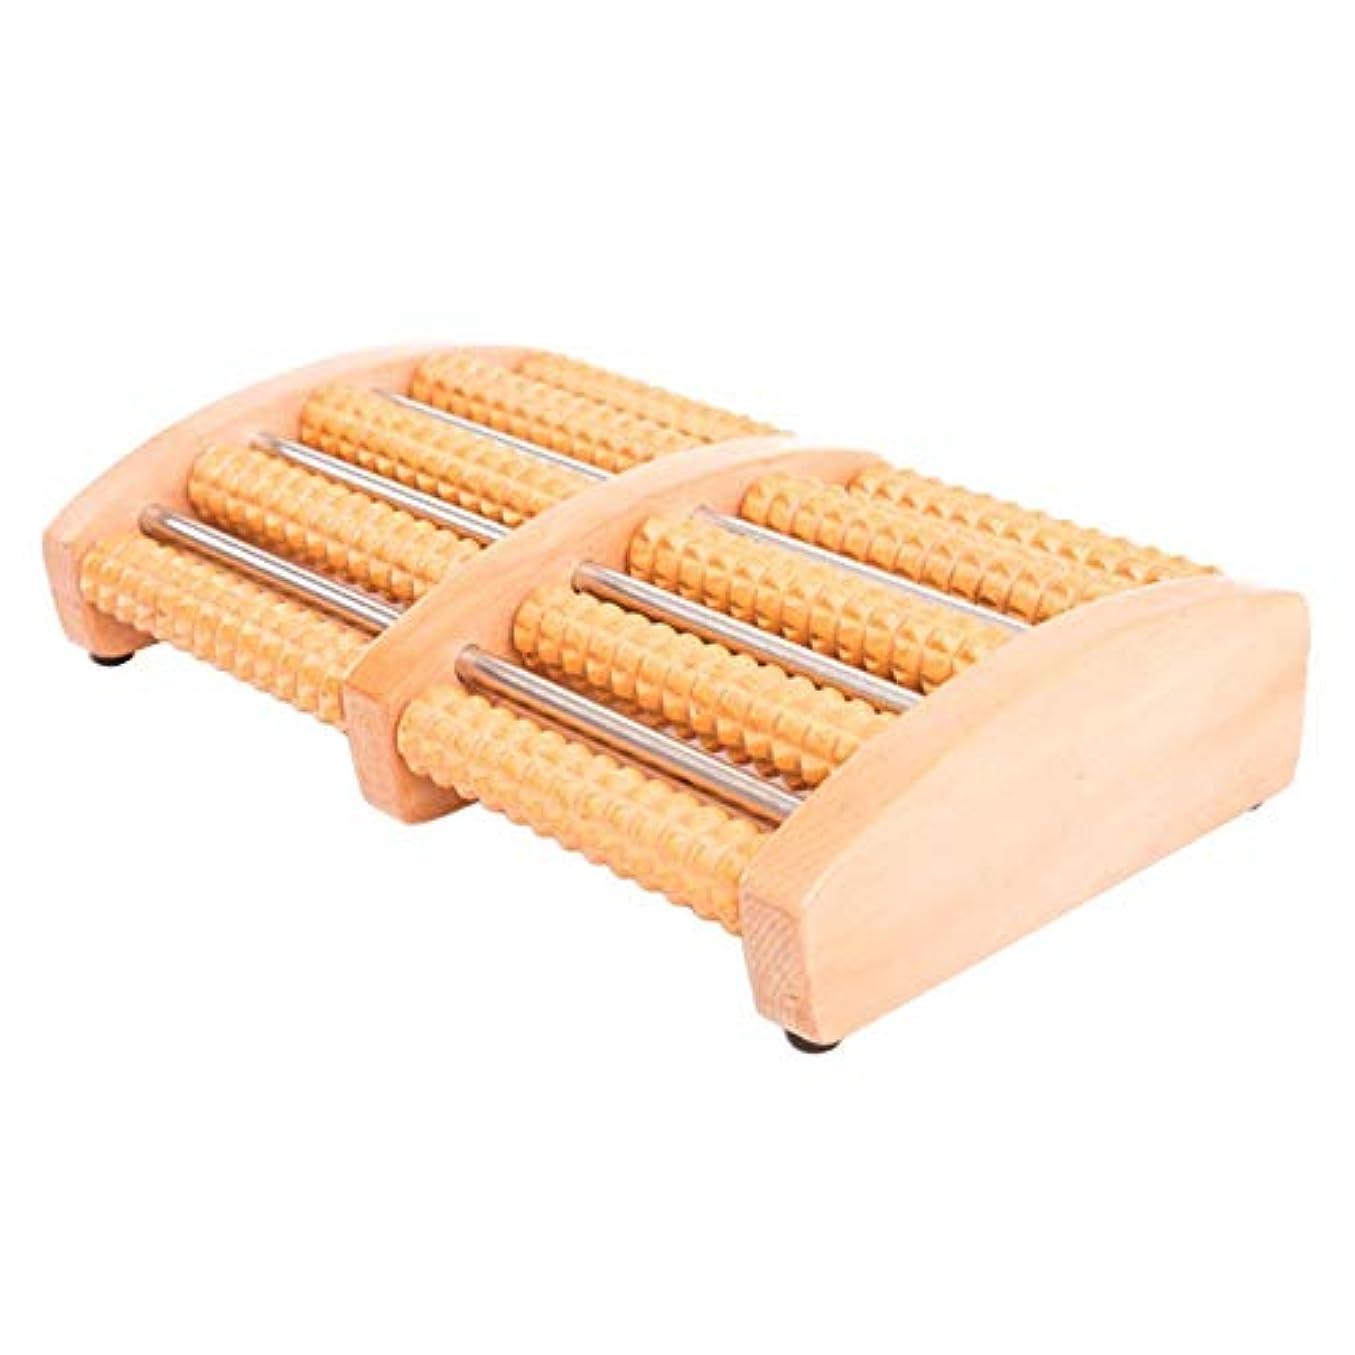 バーマドぐるぐるアジテーションColdwhite フットマッサージローラー、足のアーチの痛みと足底筋膜炎筋肉ローラースティック、リラクゼーションとストレス解消のための指圧リフレクソロジーツール(木製ローラー)